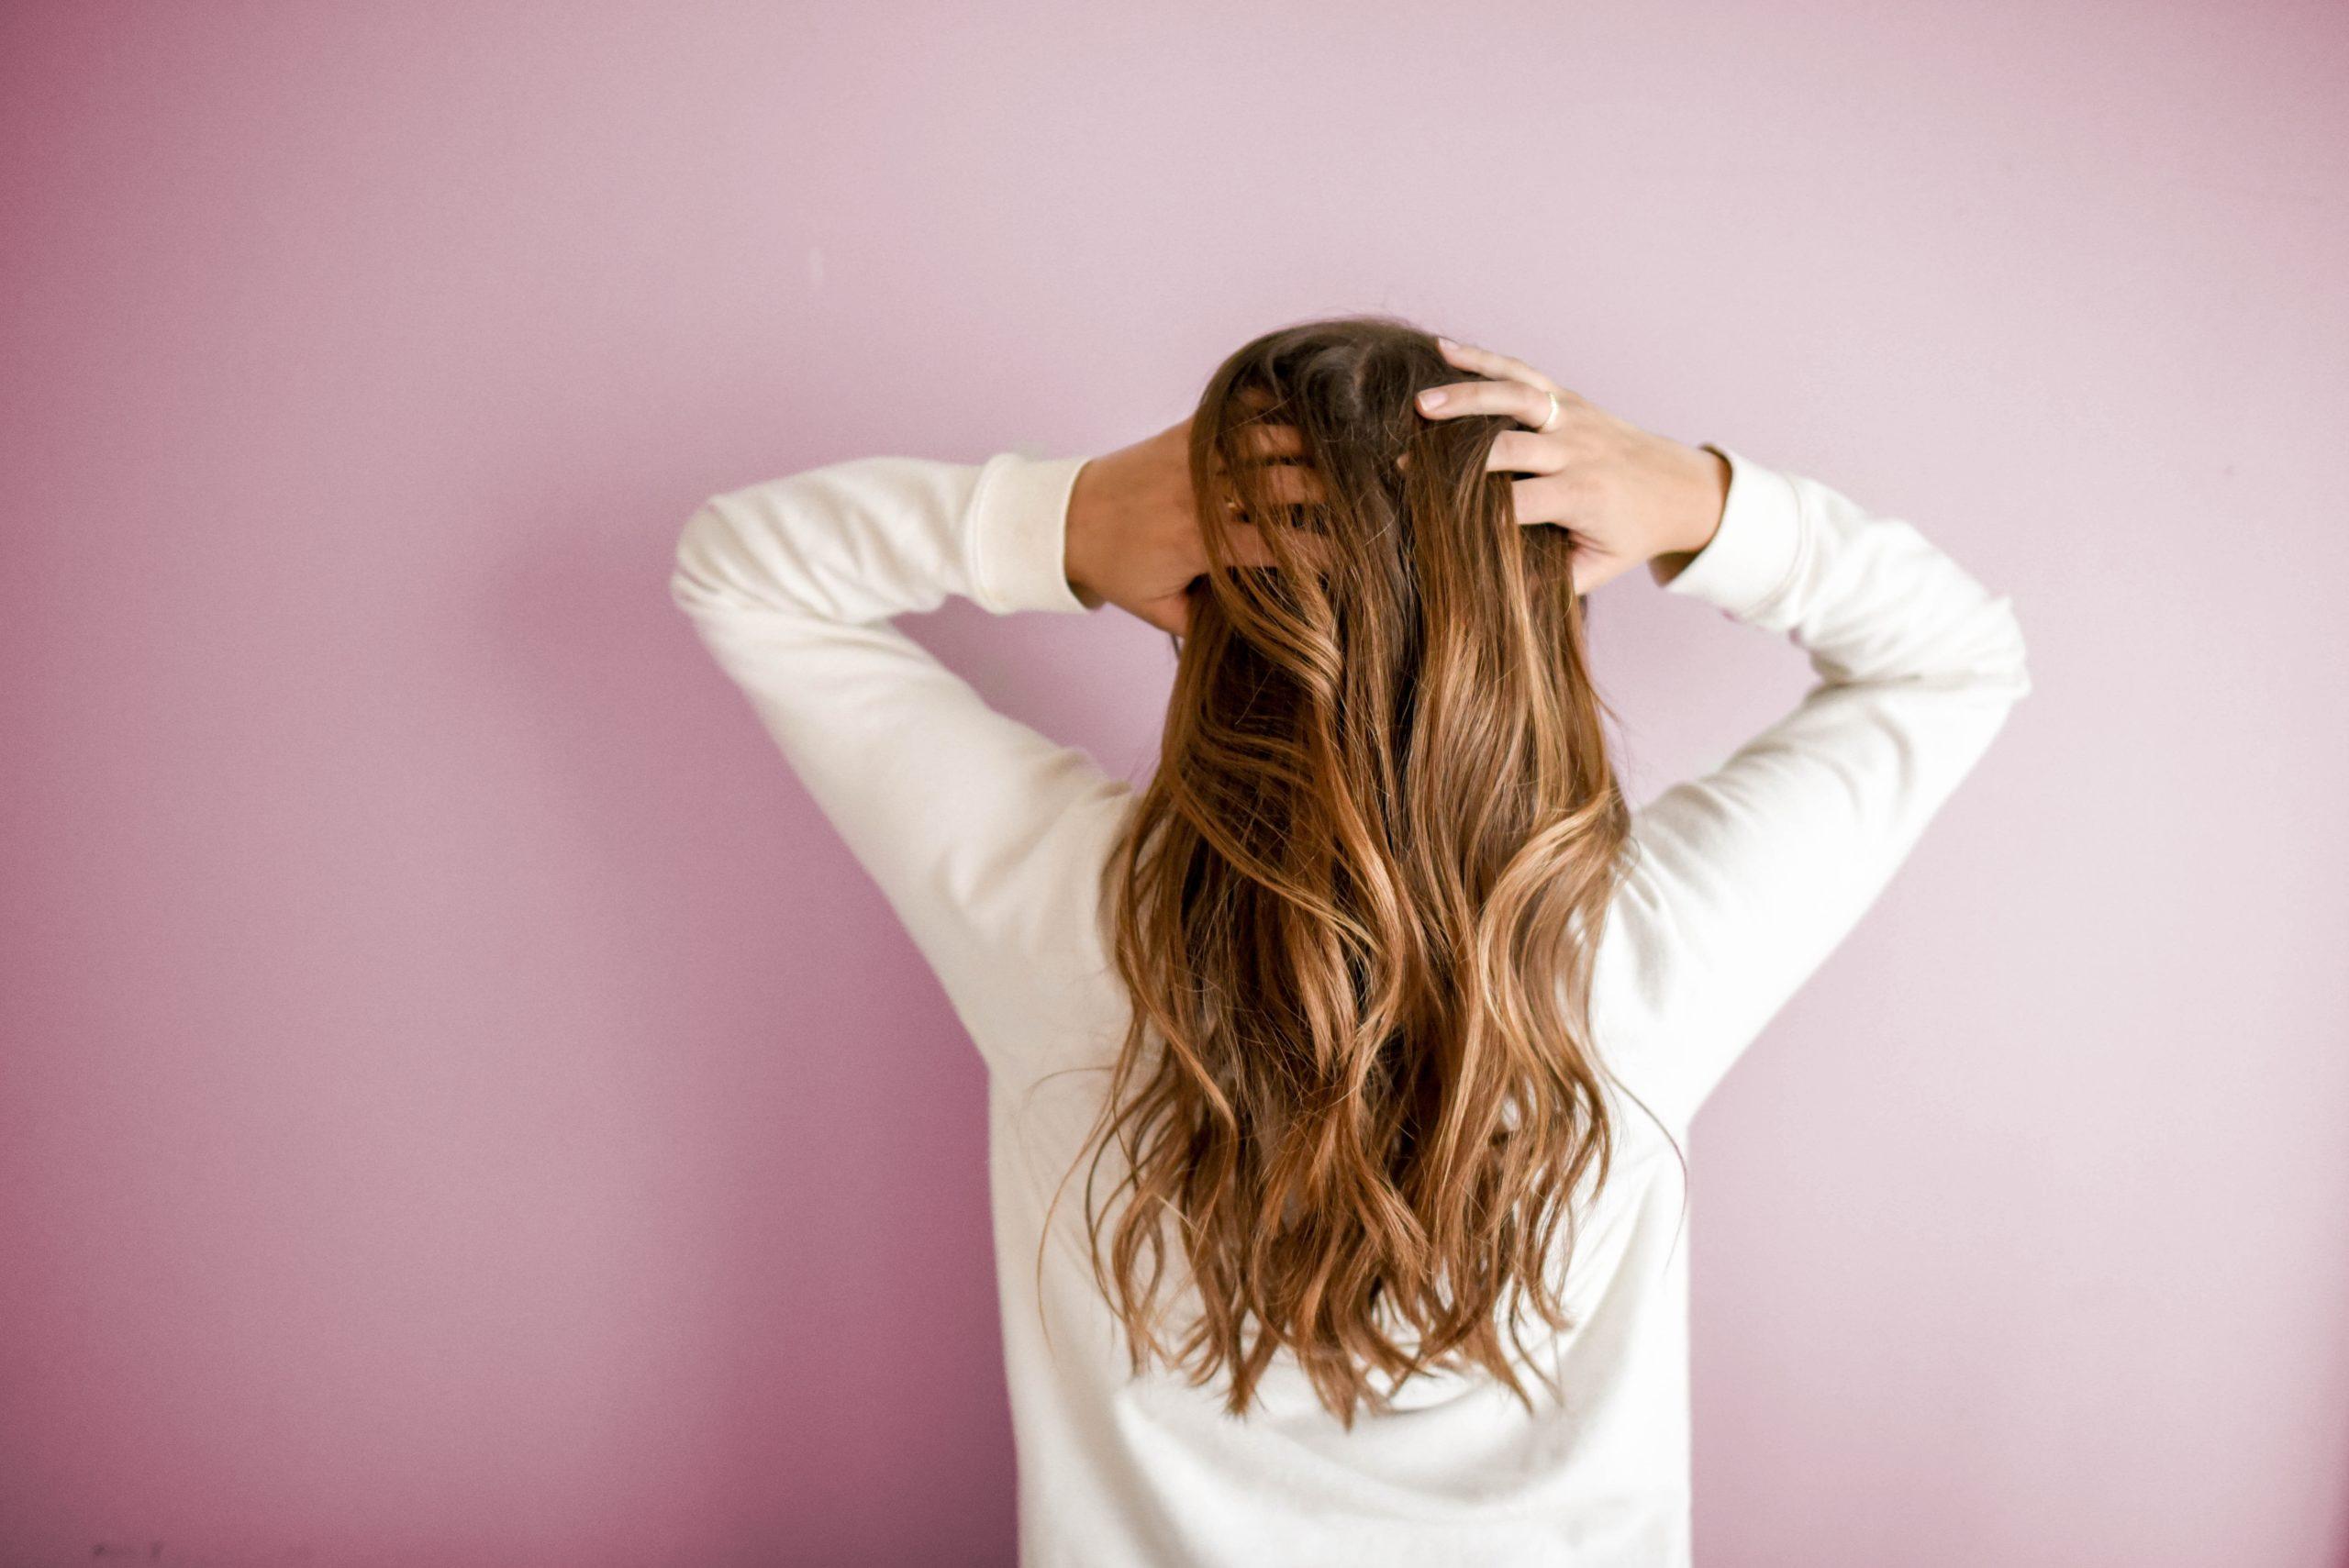 Längere Haare benötigen mehr Aufmerksamkeit und Zeit